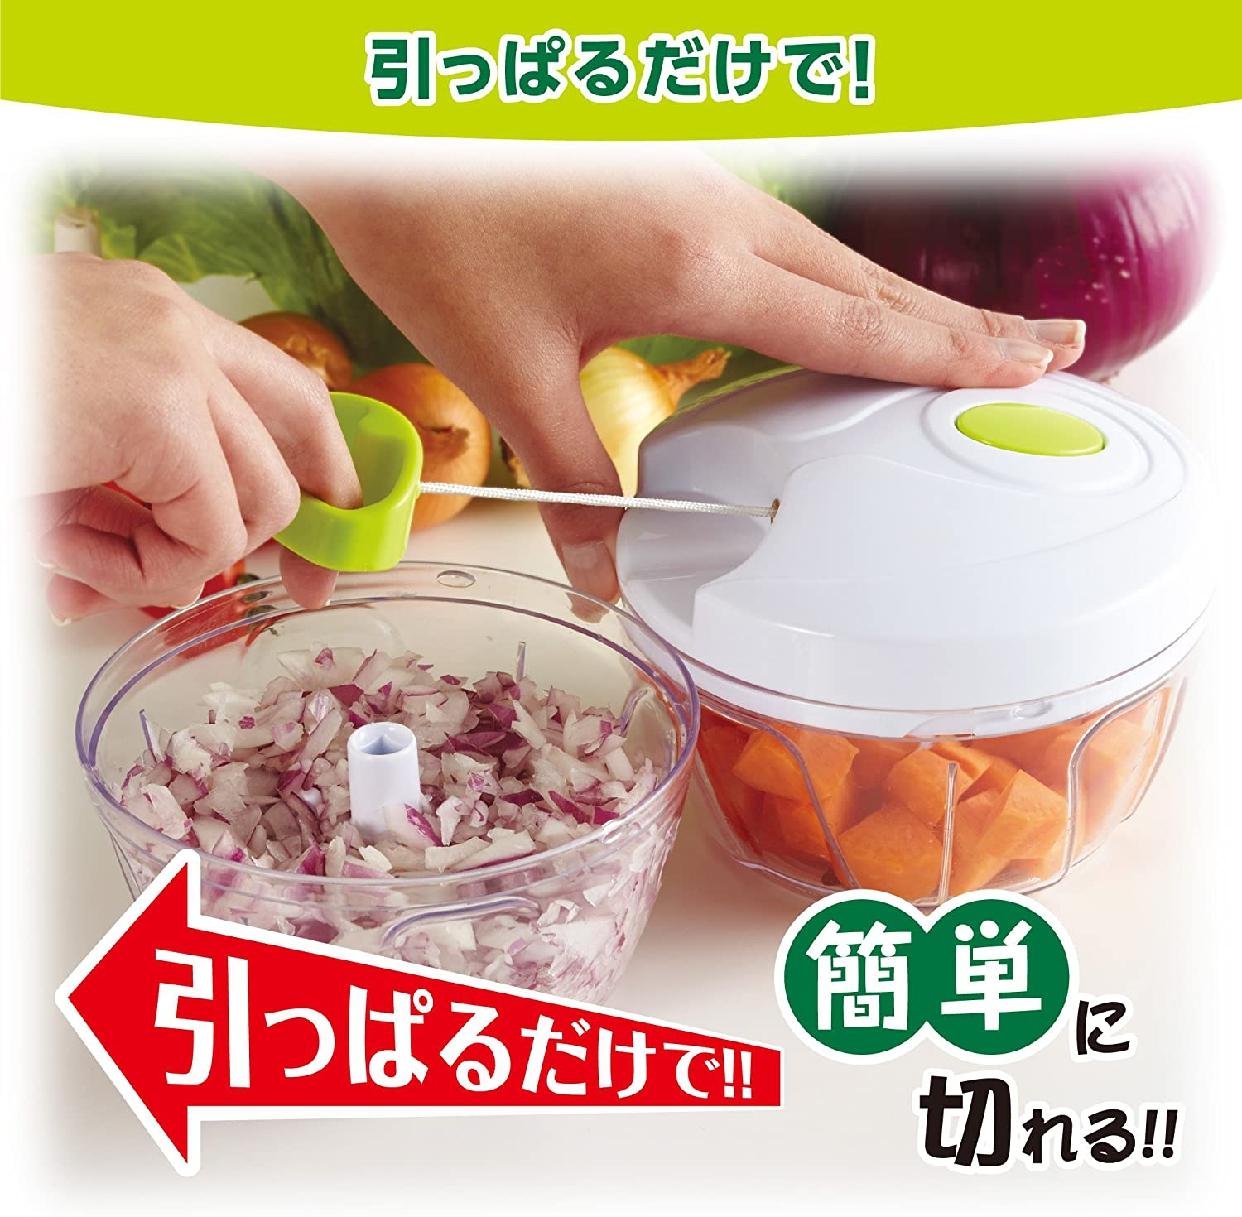 竹原製罐(TAKECHAN) 簡単みじん切りチョッパー A-80 ホワイトの商品画像3